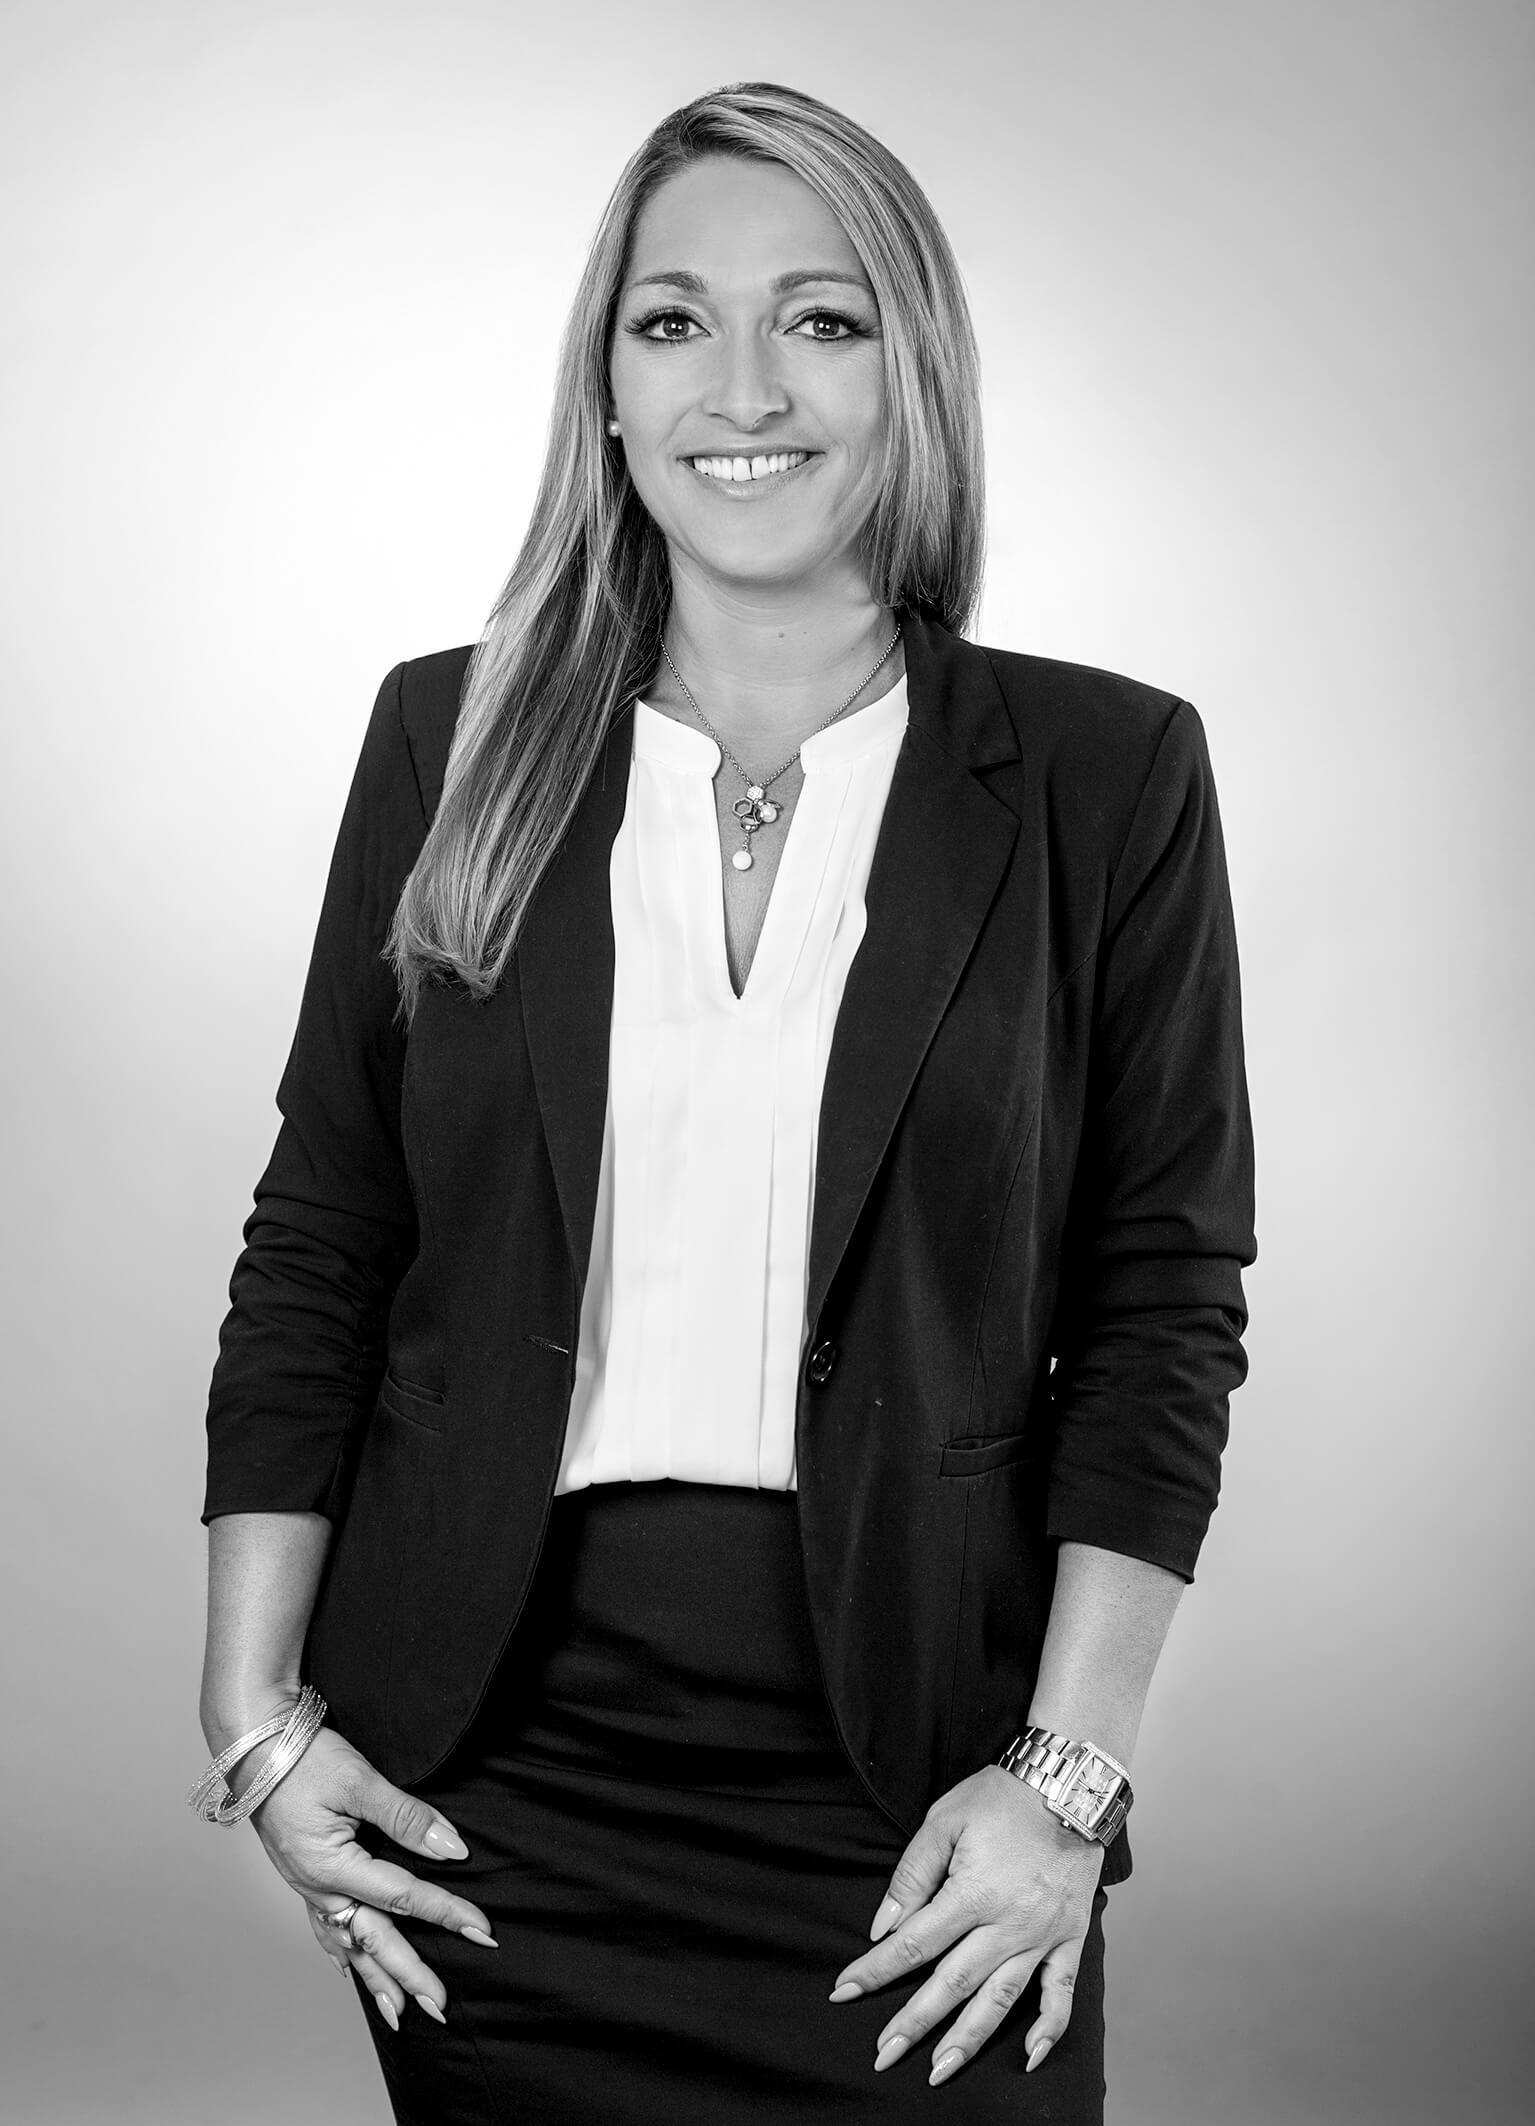 Nicole Moretti